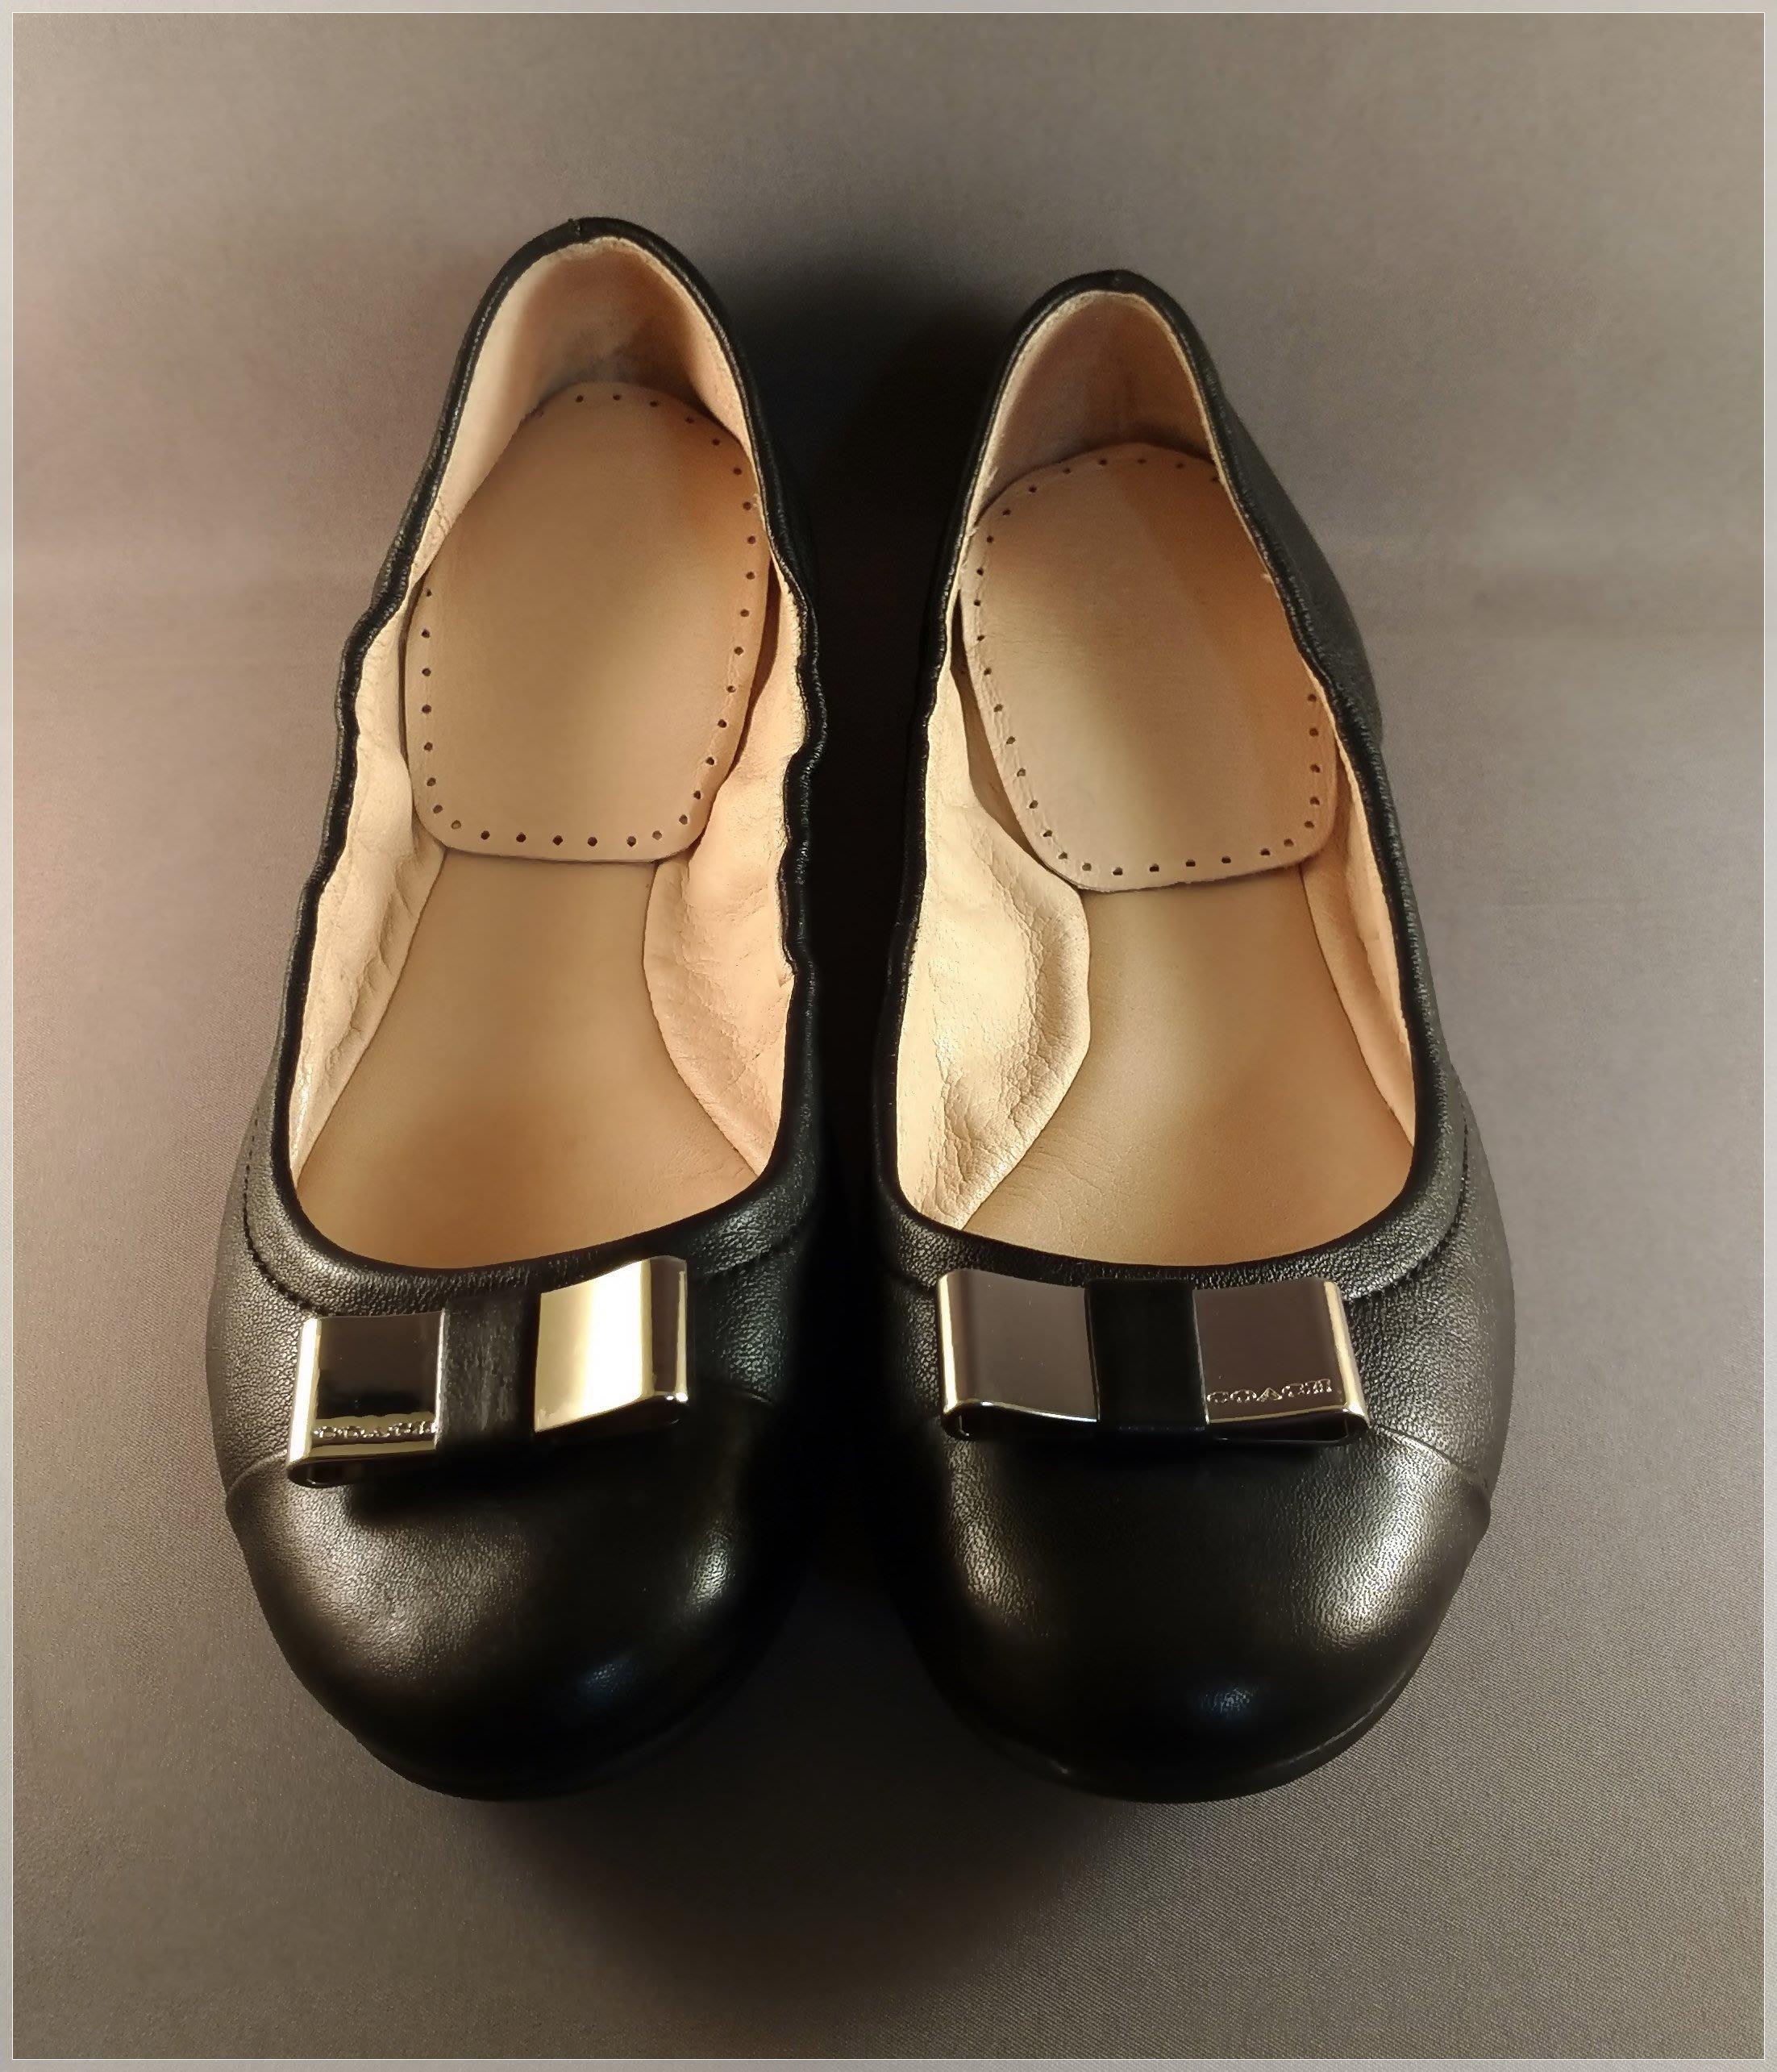 COACH【蔻馳】正品 Q2030 可摺疊 黑色真皮 平底 芭蕾 娃娃鞋【尺寸8.5號】